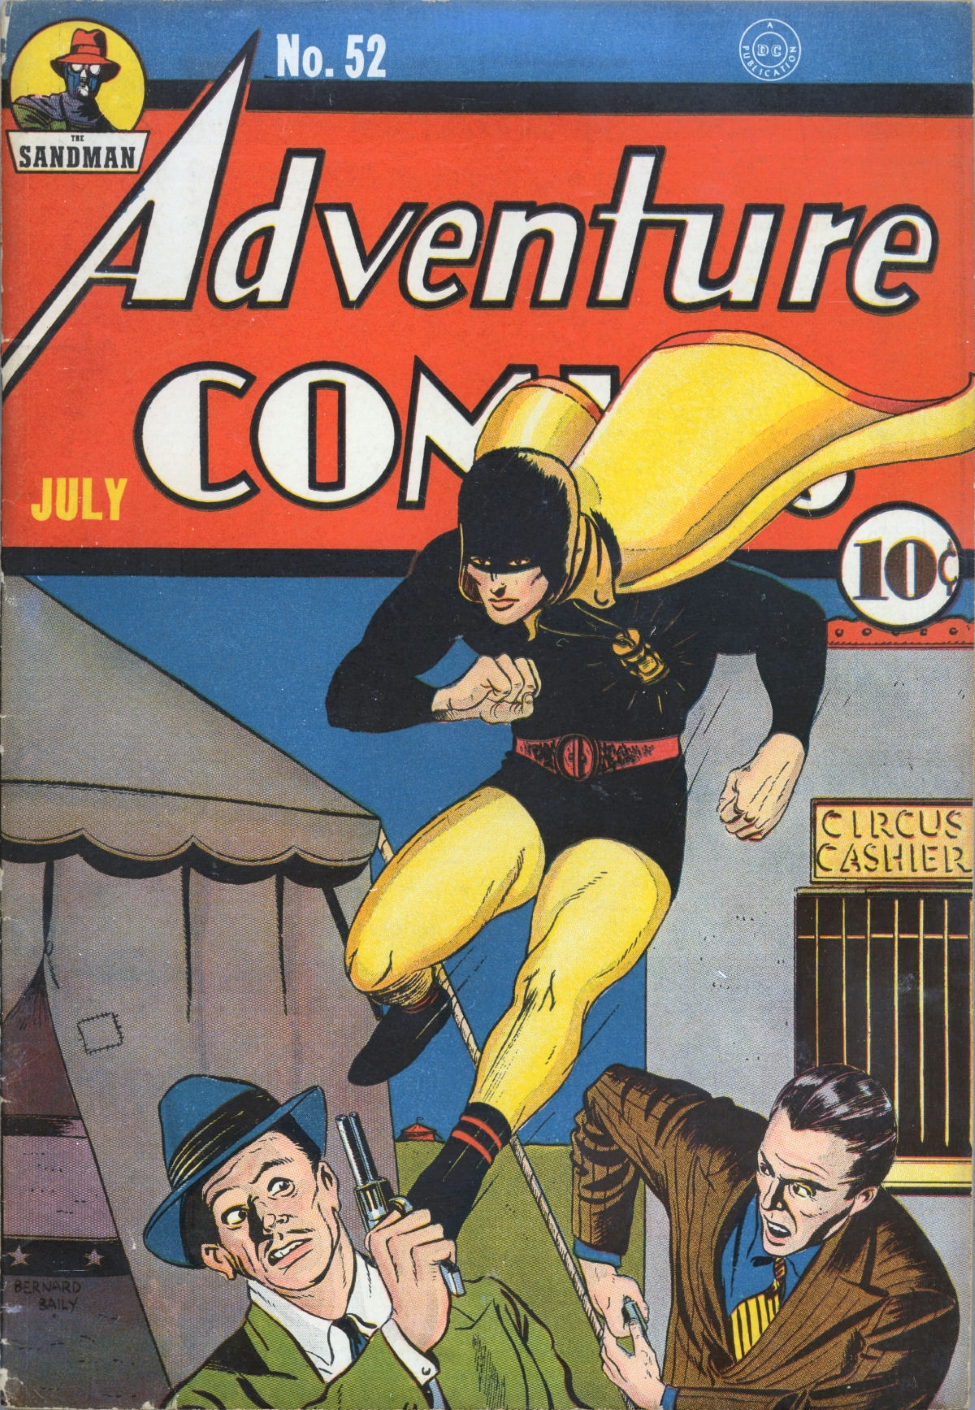 Adventure Comics Vol 1 52